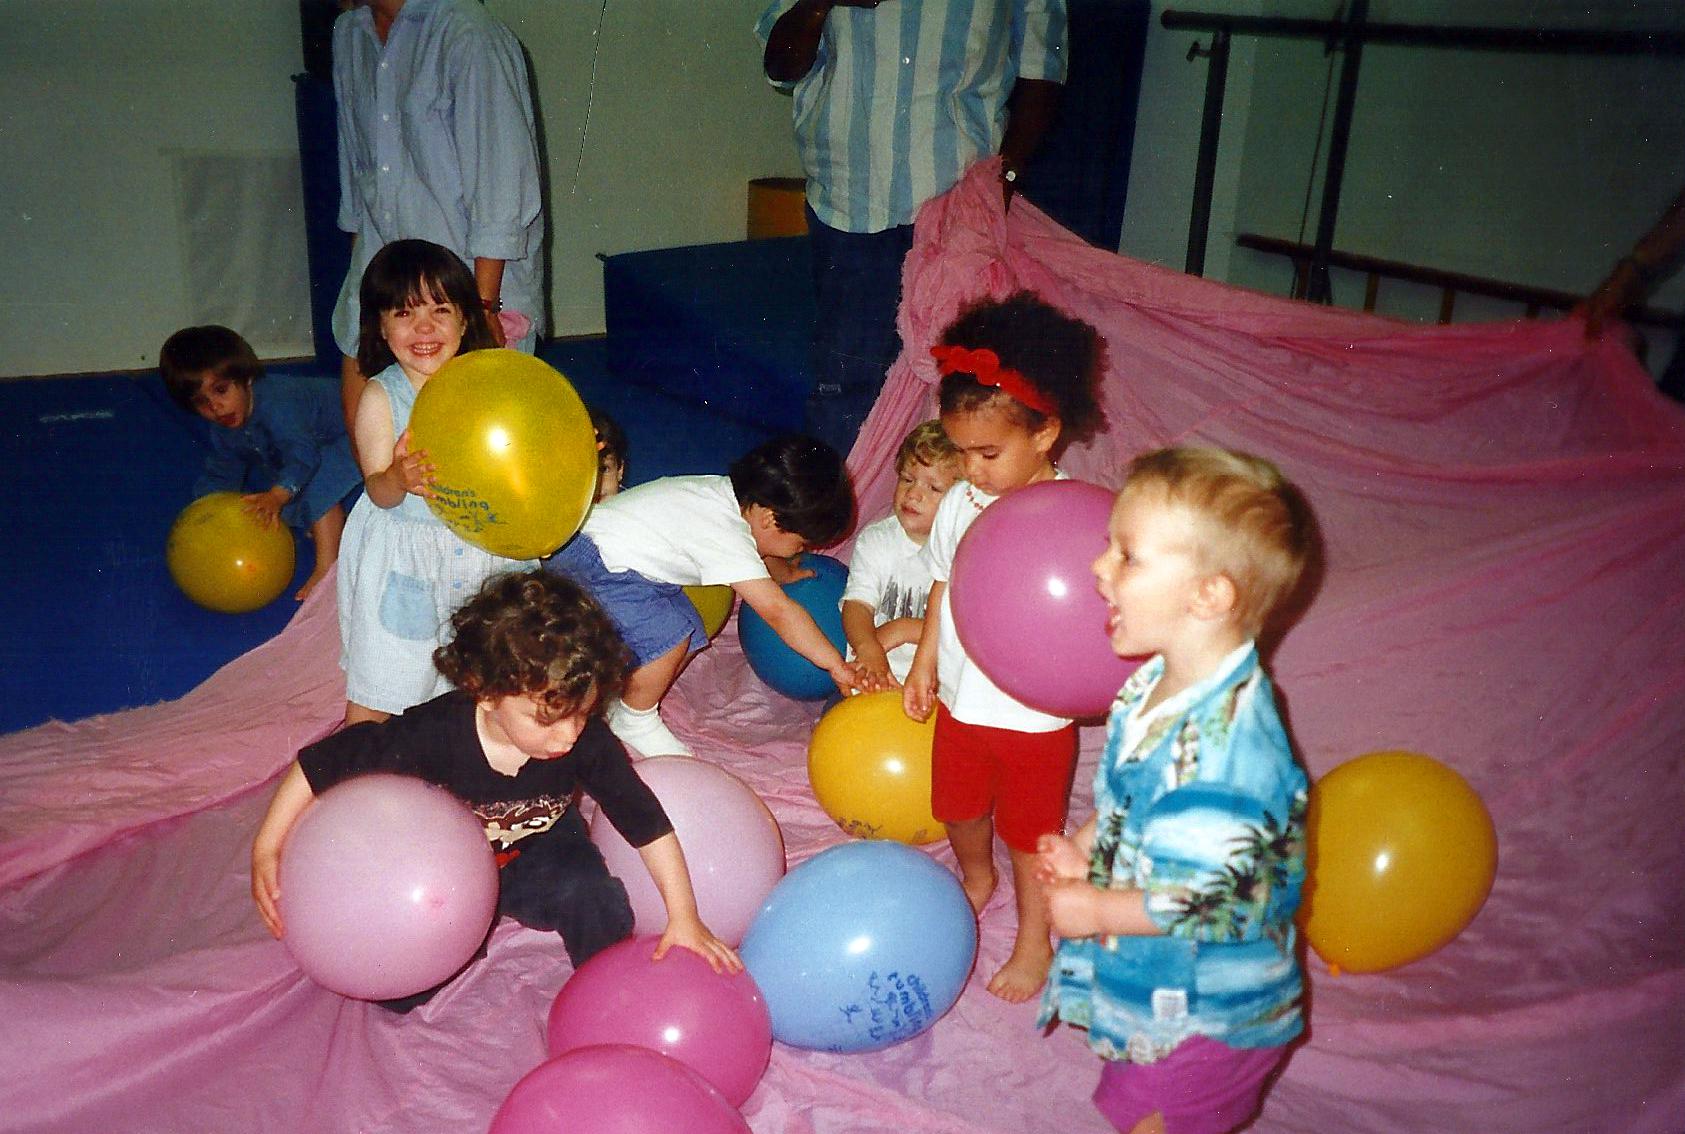 Balloons Balloons!